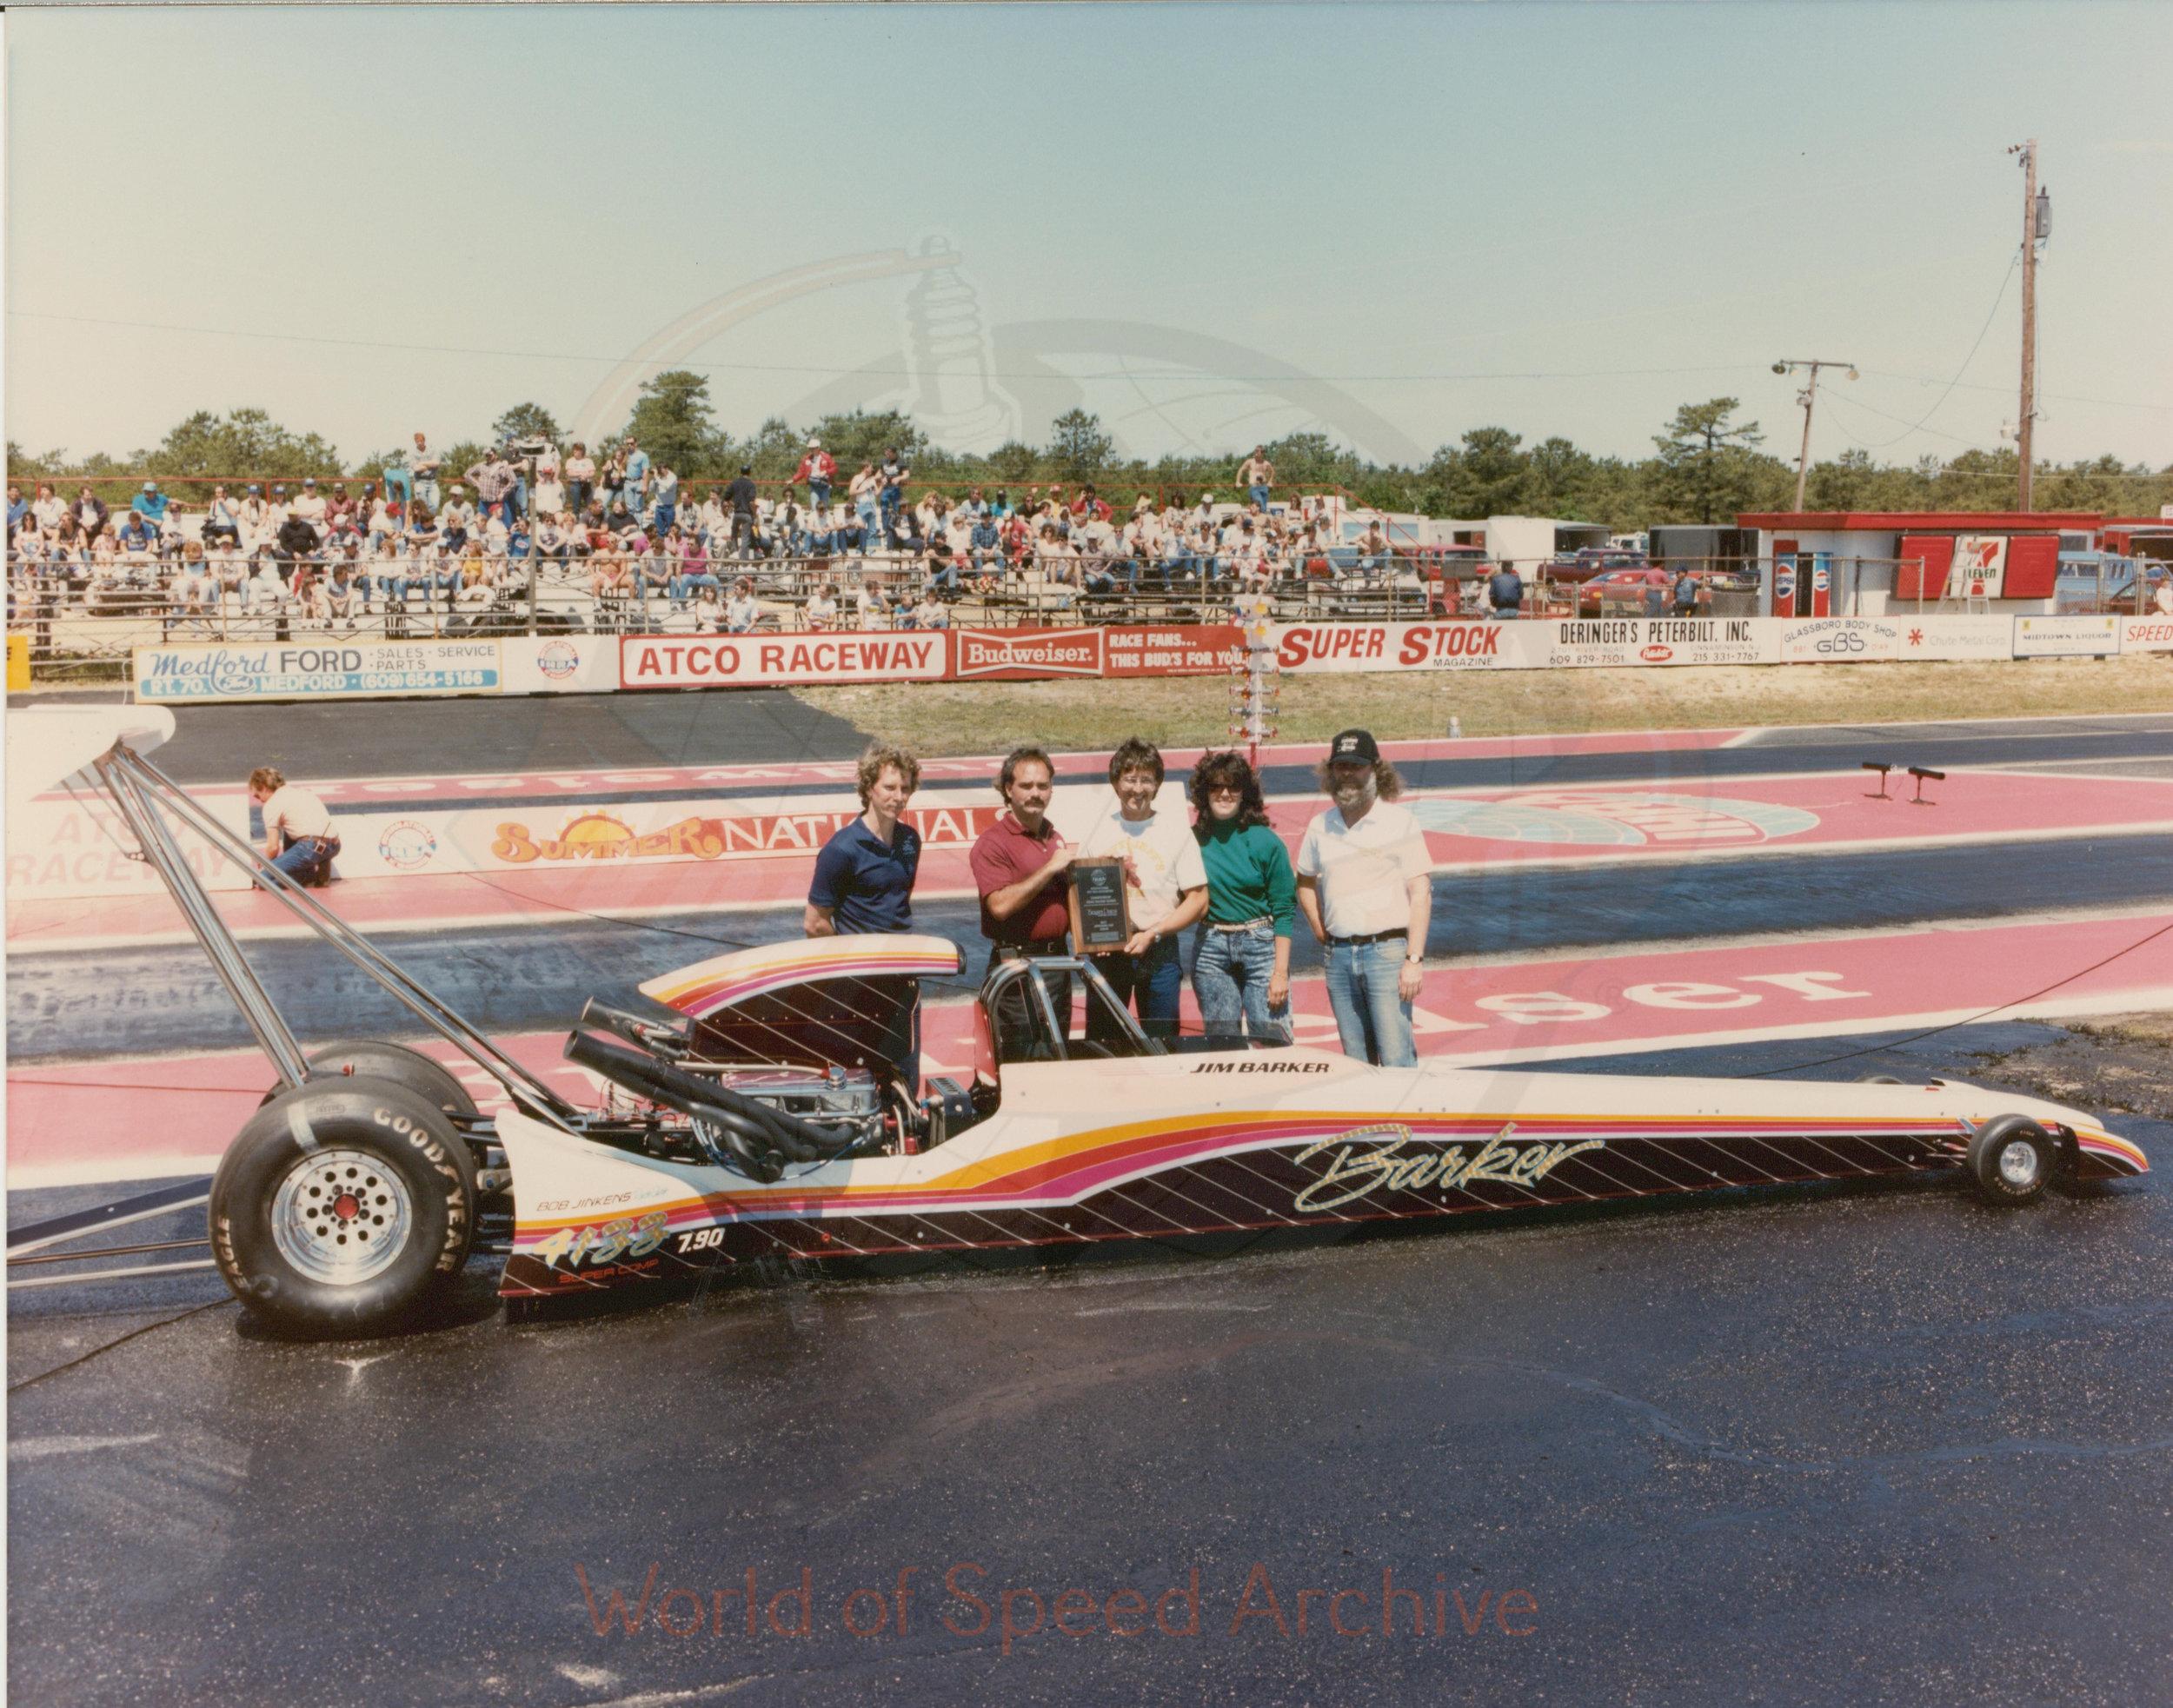 B1-S1-G2-F2-002 - Jim Barker